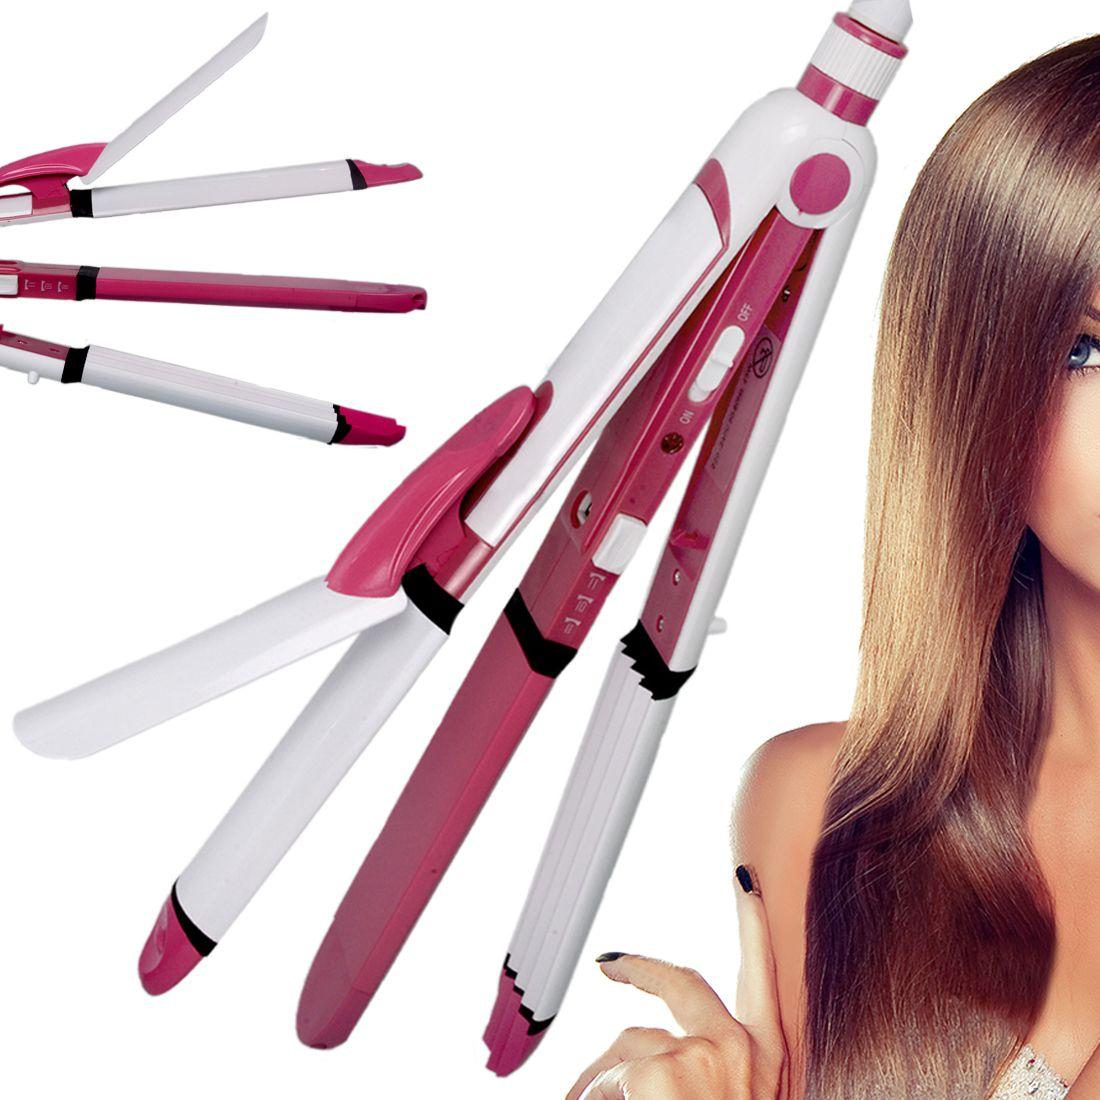 SJ Professional Travel Hair Straighteners Flat Iron 45W Hair Straightener ( White & Pink )